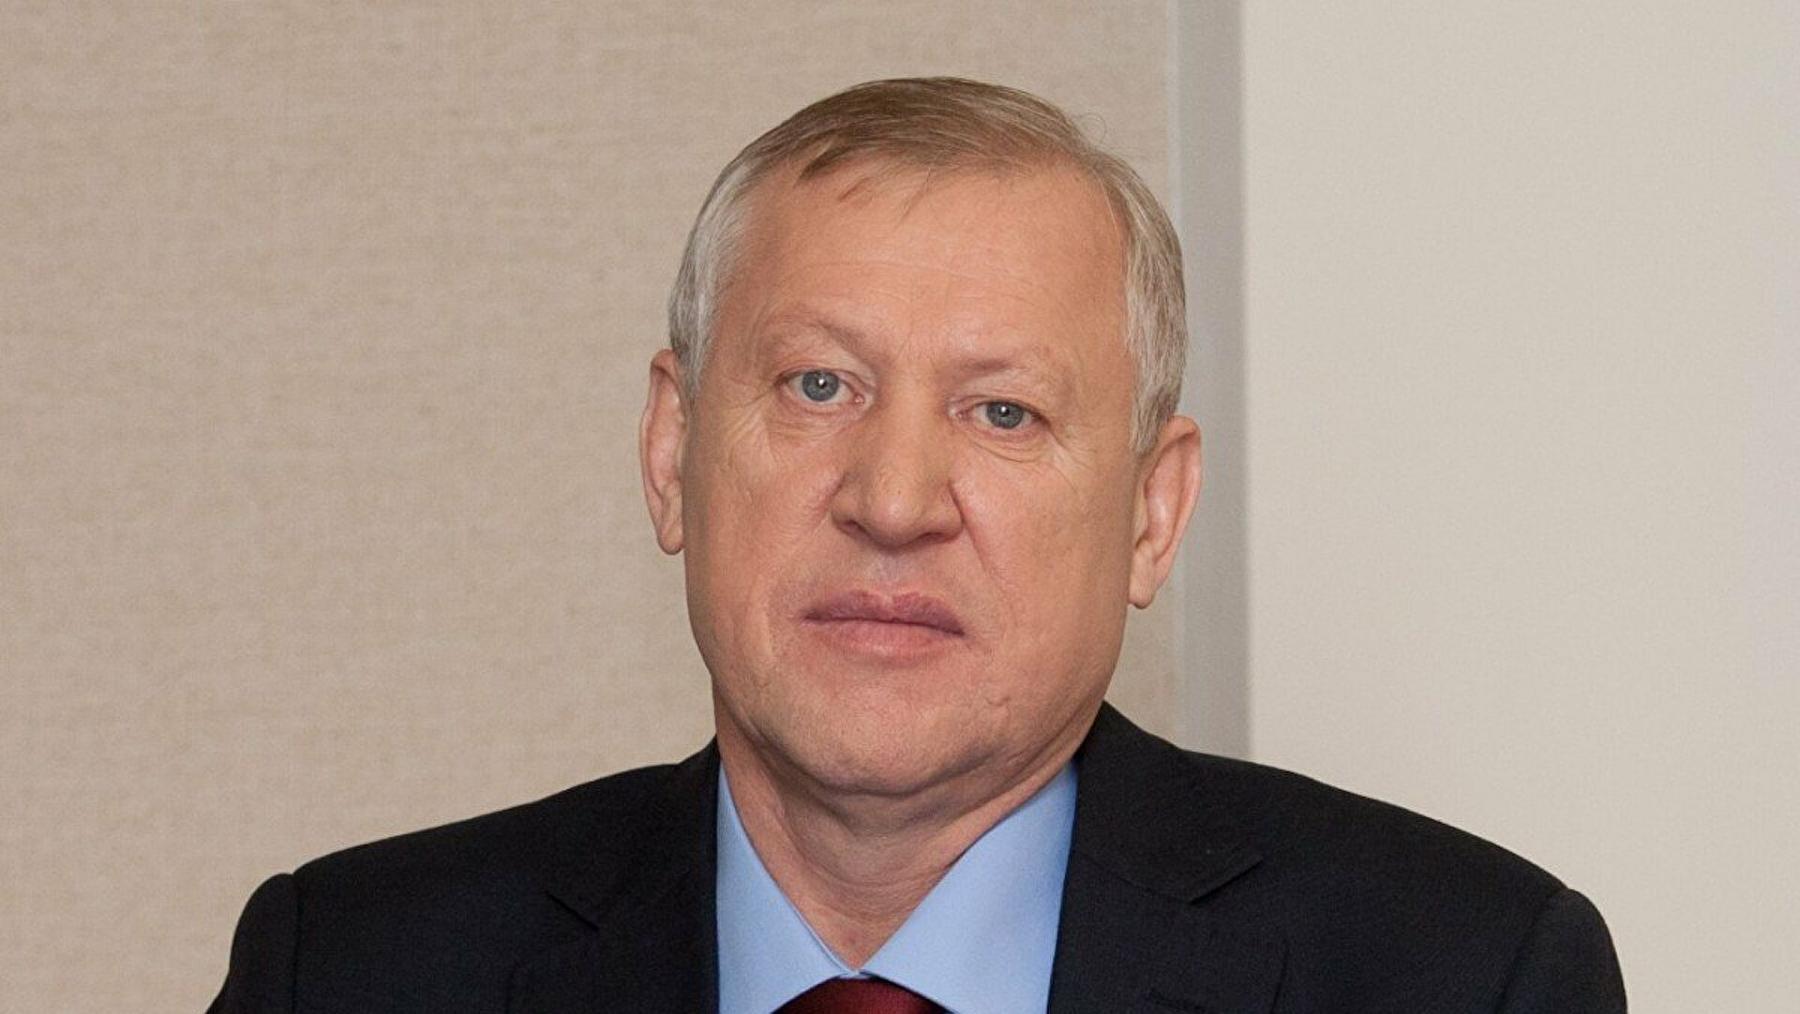 фото Новый начальник ФСБ приехал в Новосибирск: что известно о «чекисте с человеческим лицом» 4